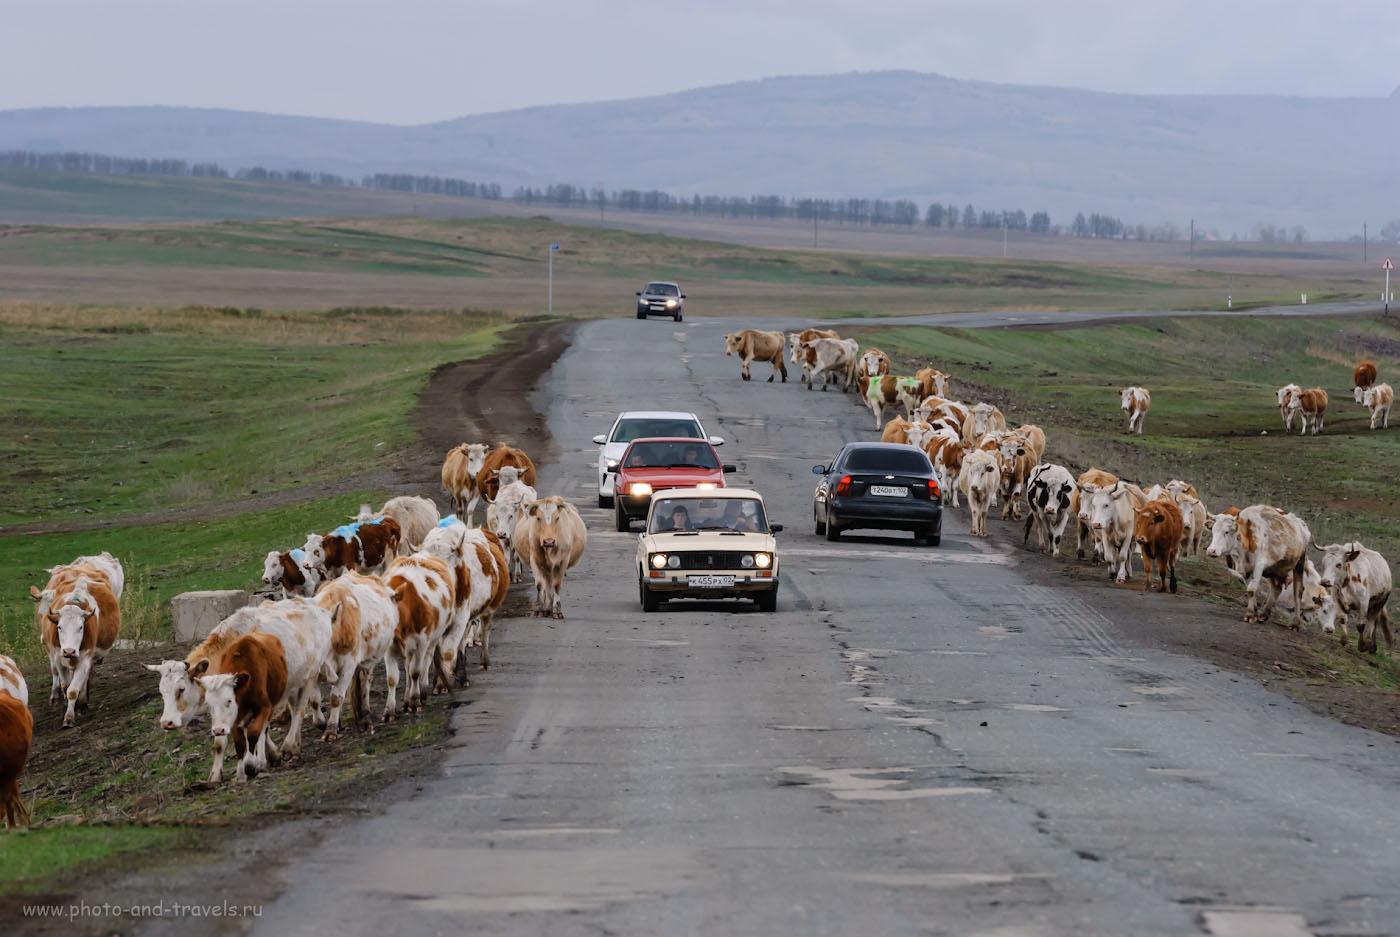 Фото 5. Путешествуя по Башкирии, возможно, придется преодолеть брод через «коровью реку». 1/320, -0.67, 7.1, 250, 200.